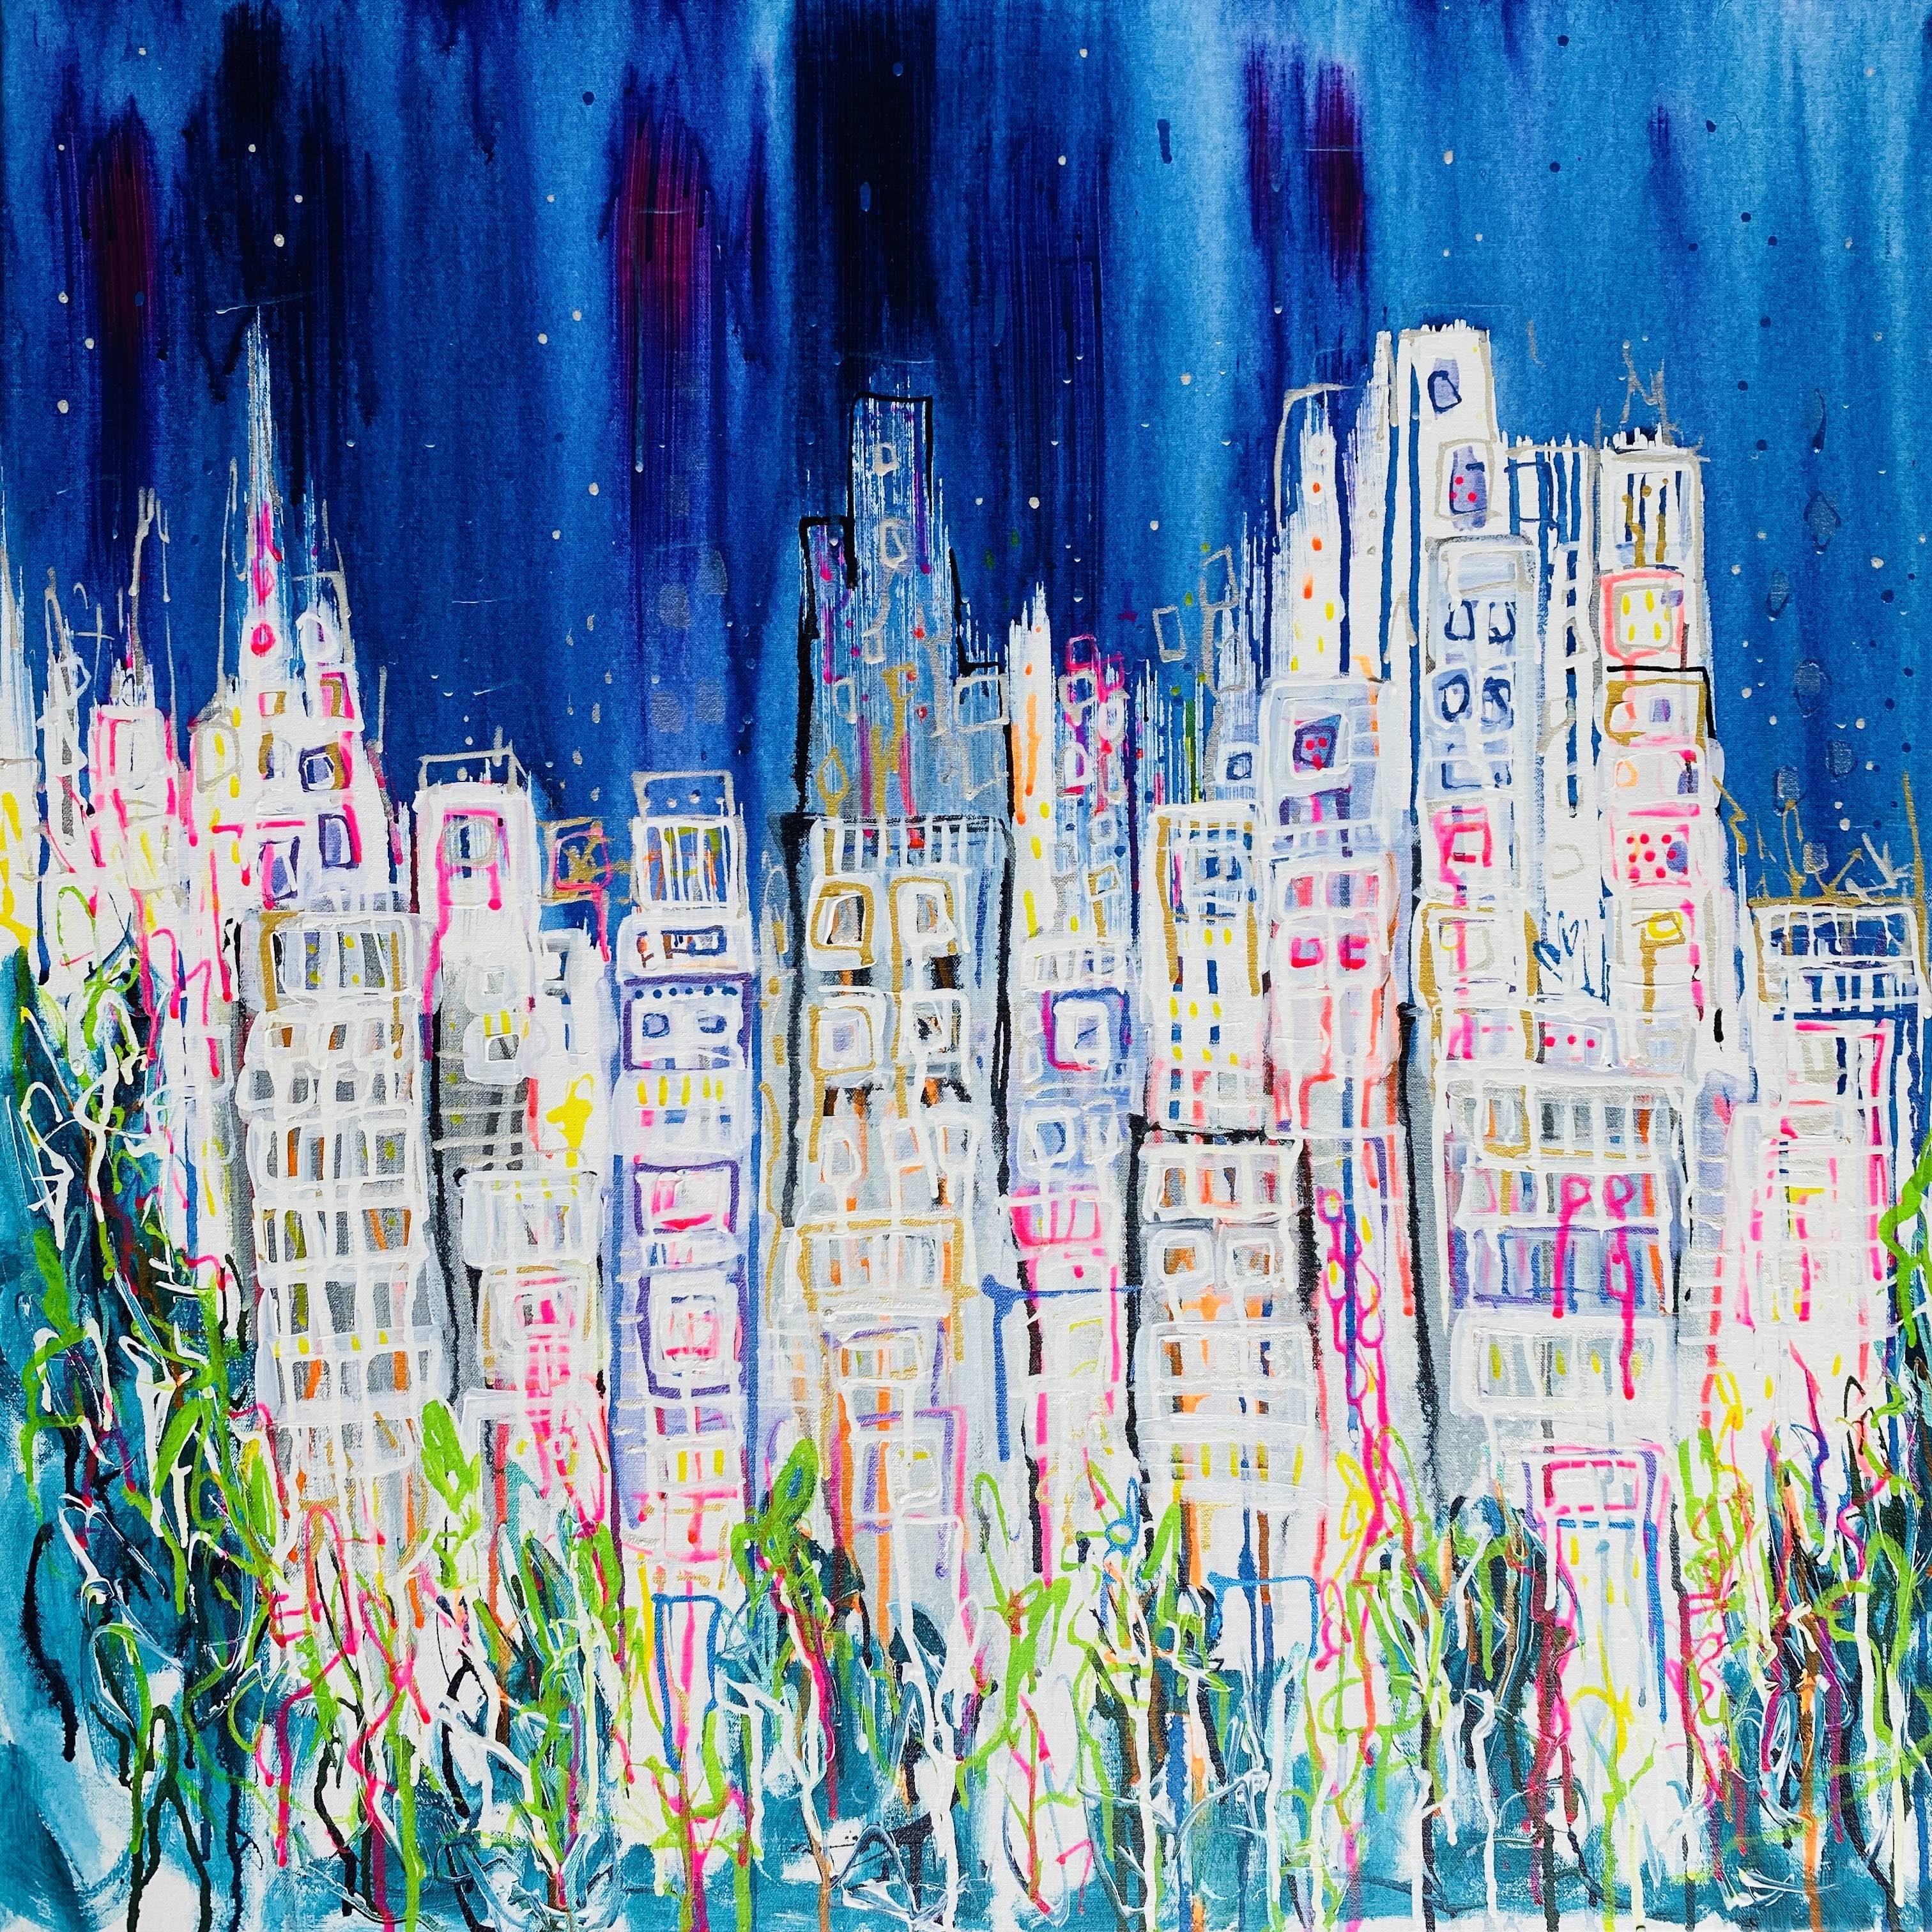 Samantha Redfern - Neon City - 2020.jpg